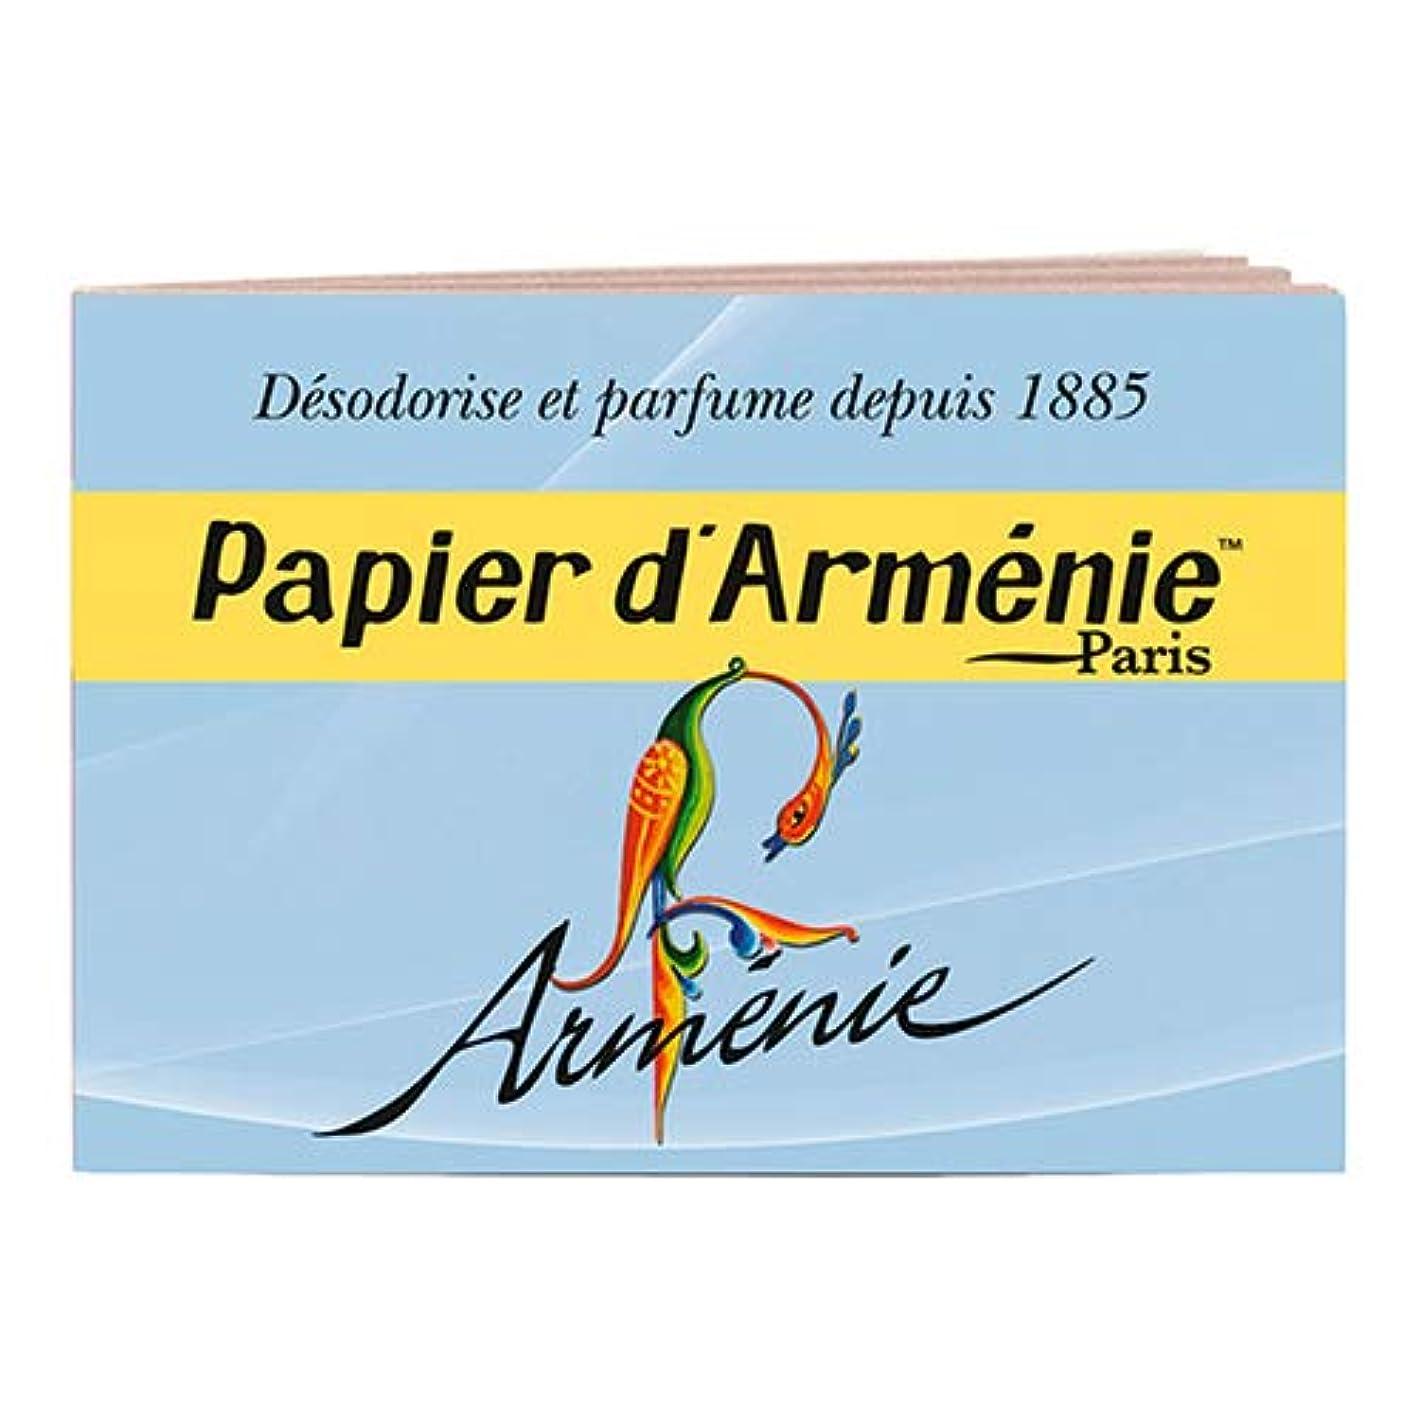 トランスペアレントブリード取り壊すパピエダルメニイ トリプル (青) 1冊(1シート3回分×12枚/36回分) アルメニイ(アニー) 紙のお香 インセンス PAPIER D'ARMENIE [並行輸入品]